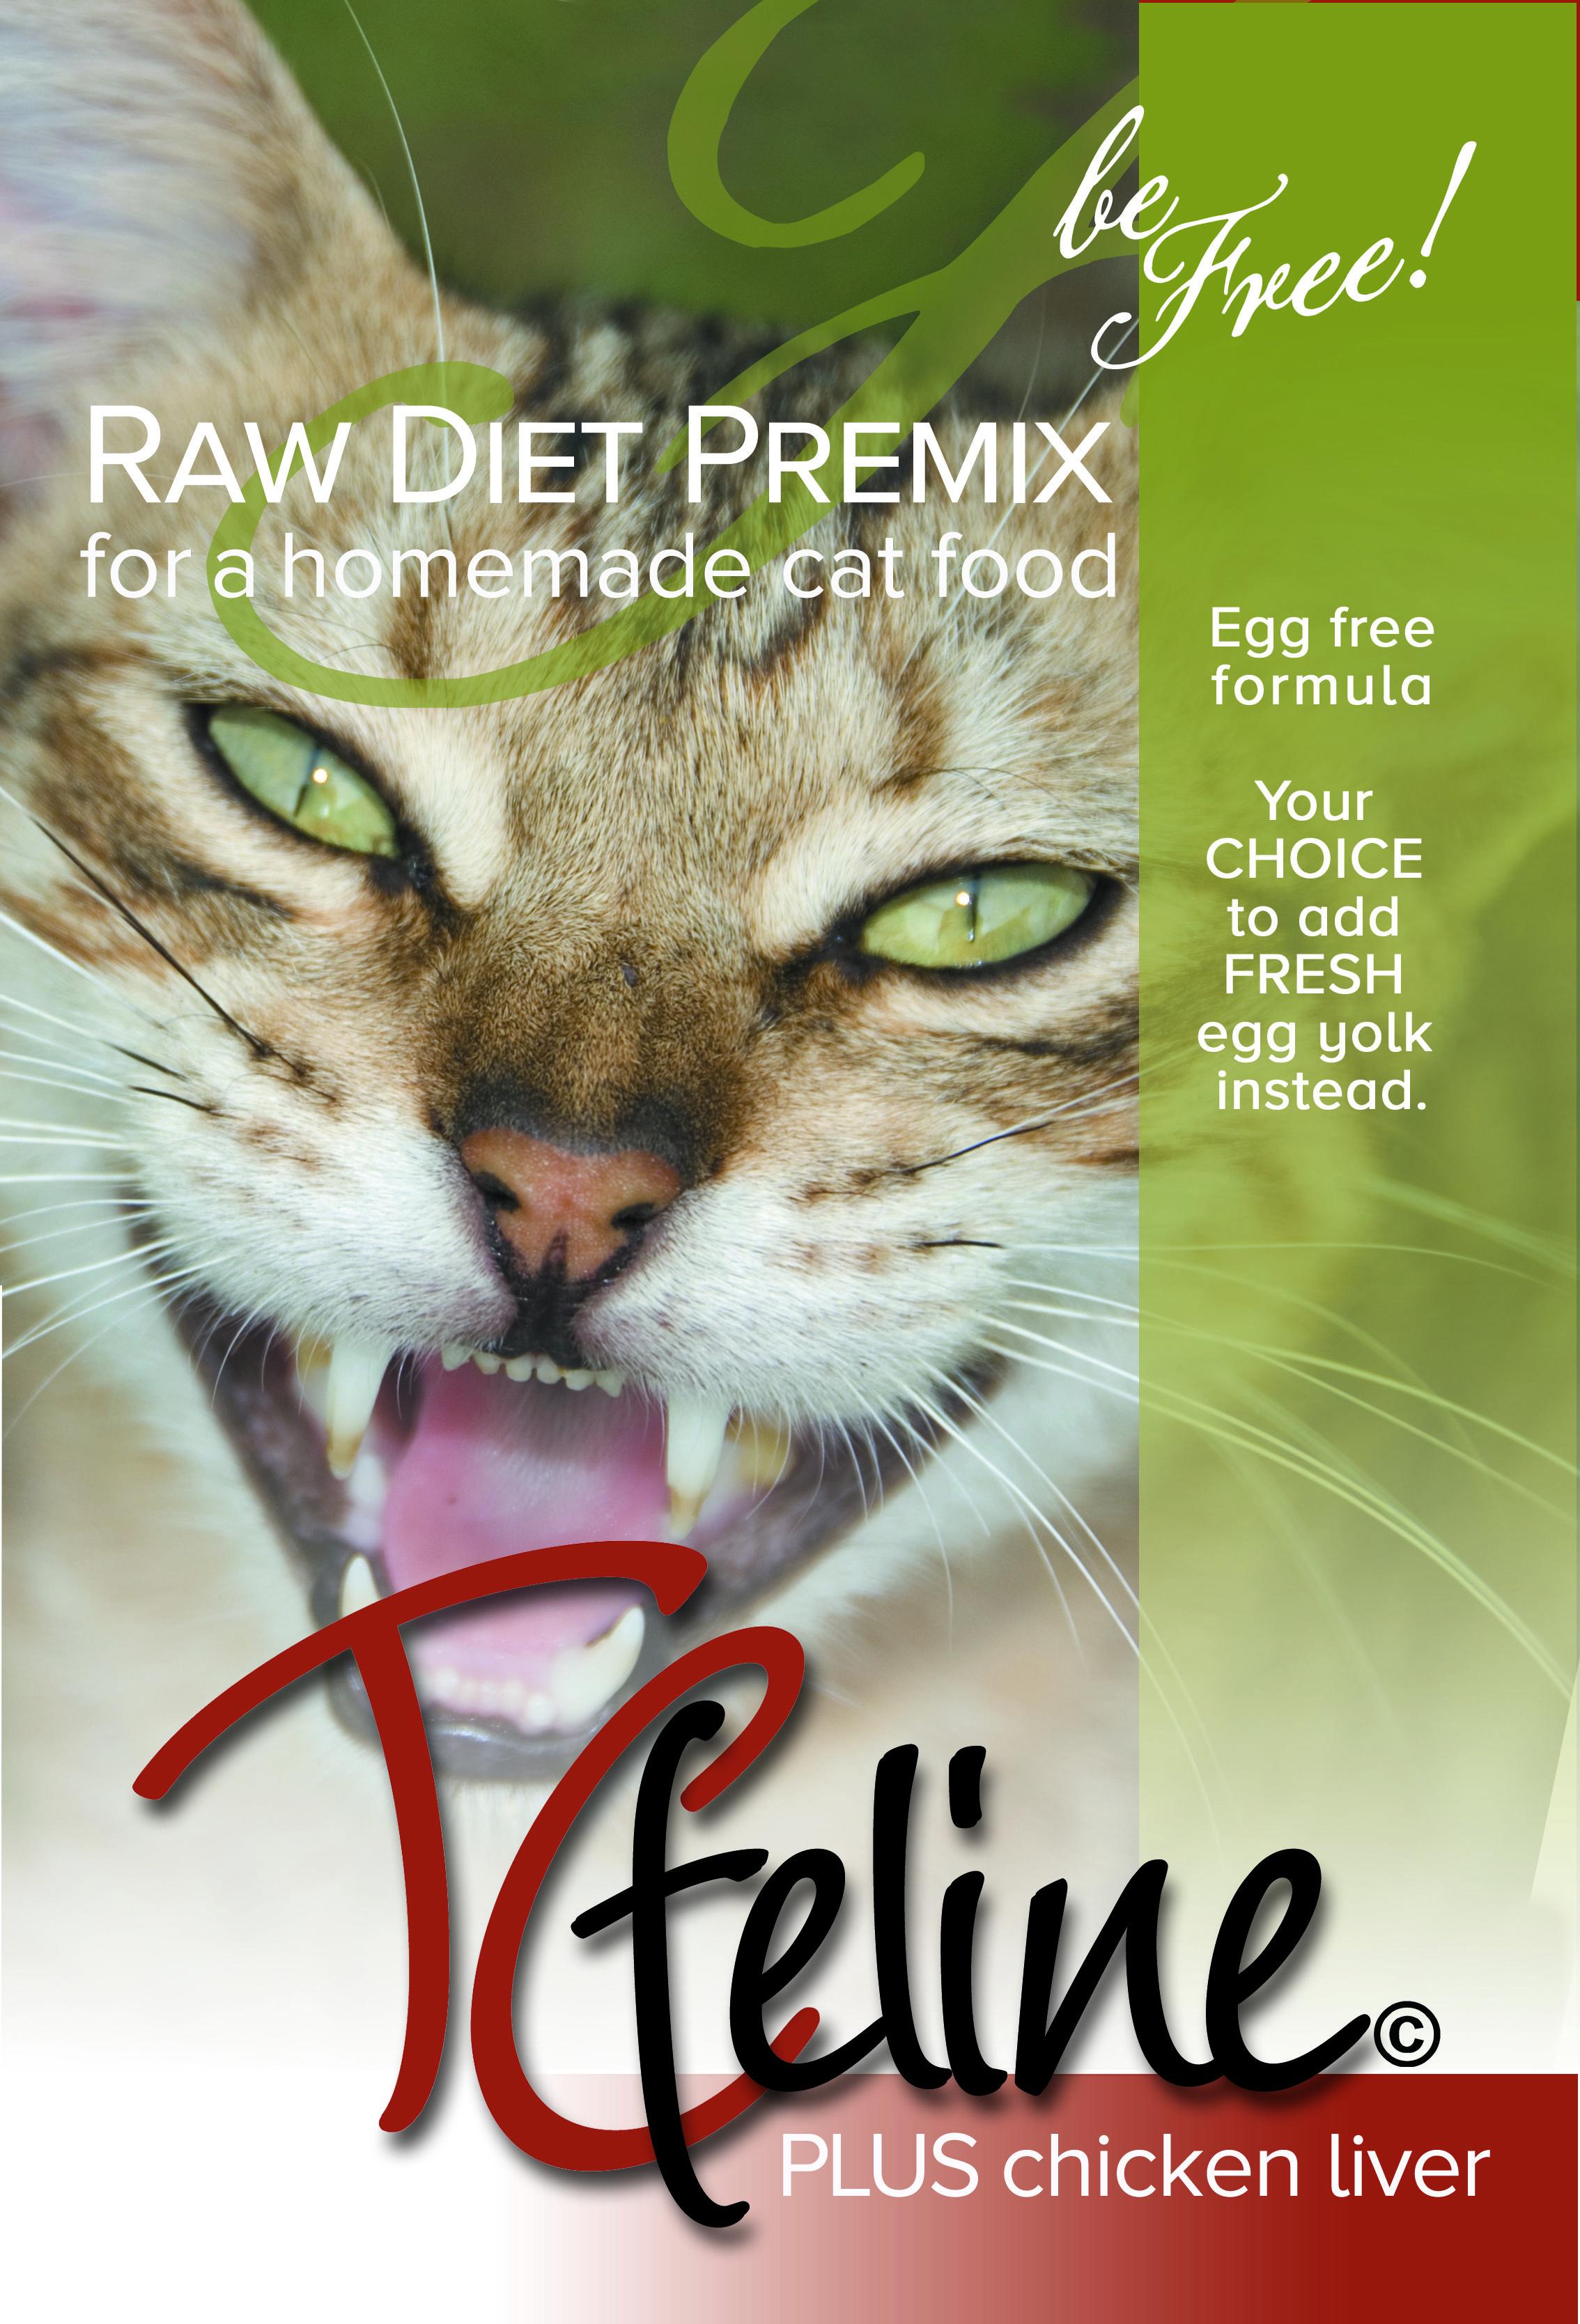 Tcfeline premix with chicken liver a powder supplement to add to cat tcfeline premix with chicken liver forumfinder Choice Image